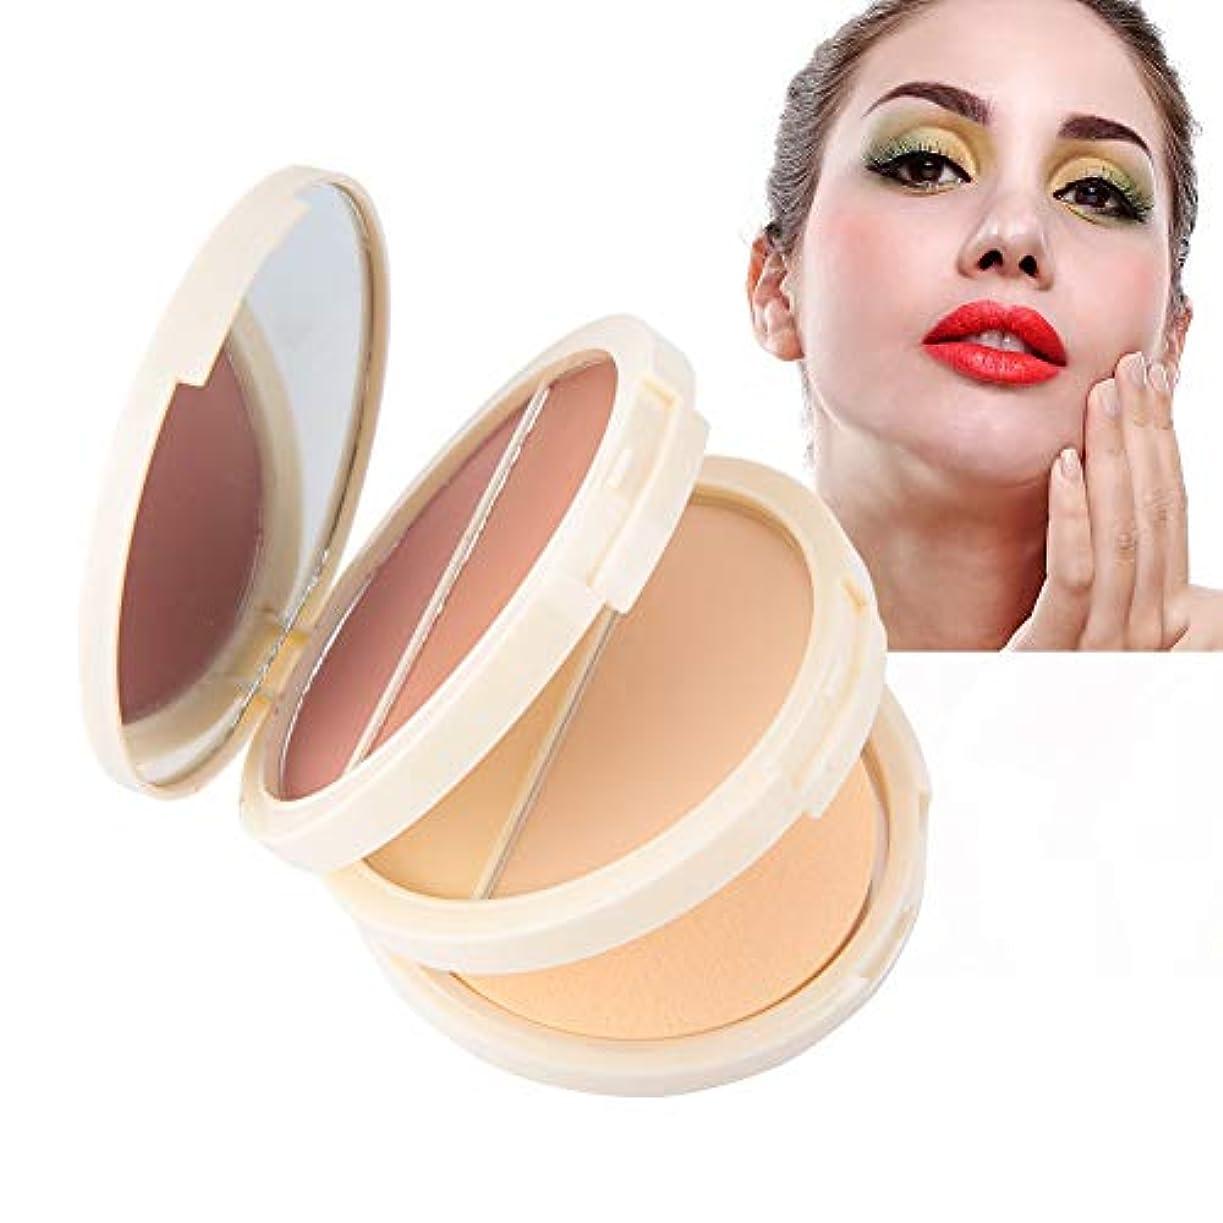 成熟したある効率的化粧品、オイル管理および防水および長続きがする効果のための1つのコンシーラーの粉の赤面粉に付き3つ